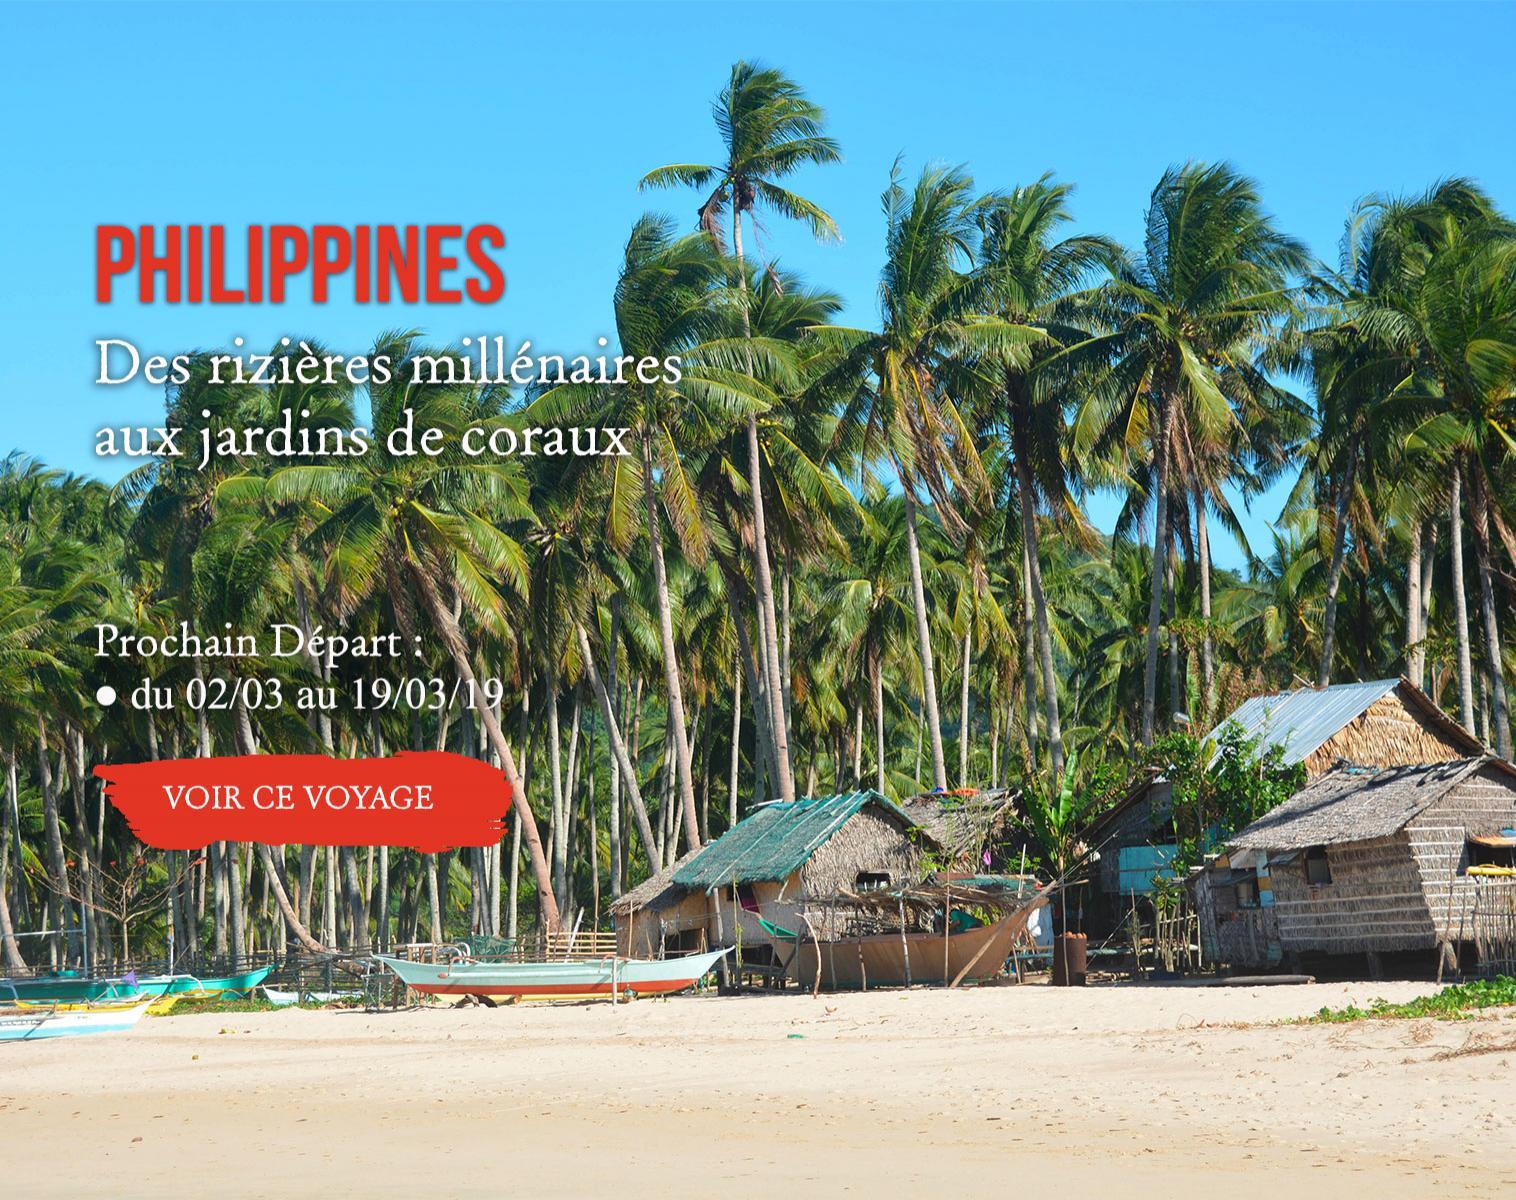 Philippines, Des rizières millénaires aux jardins de coraux